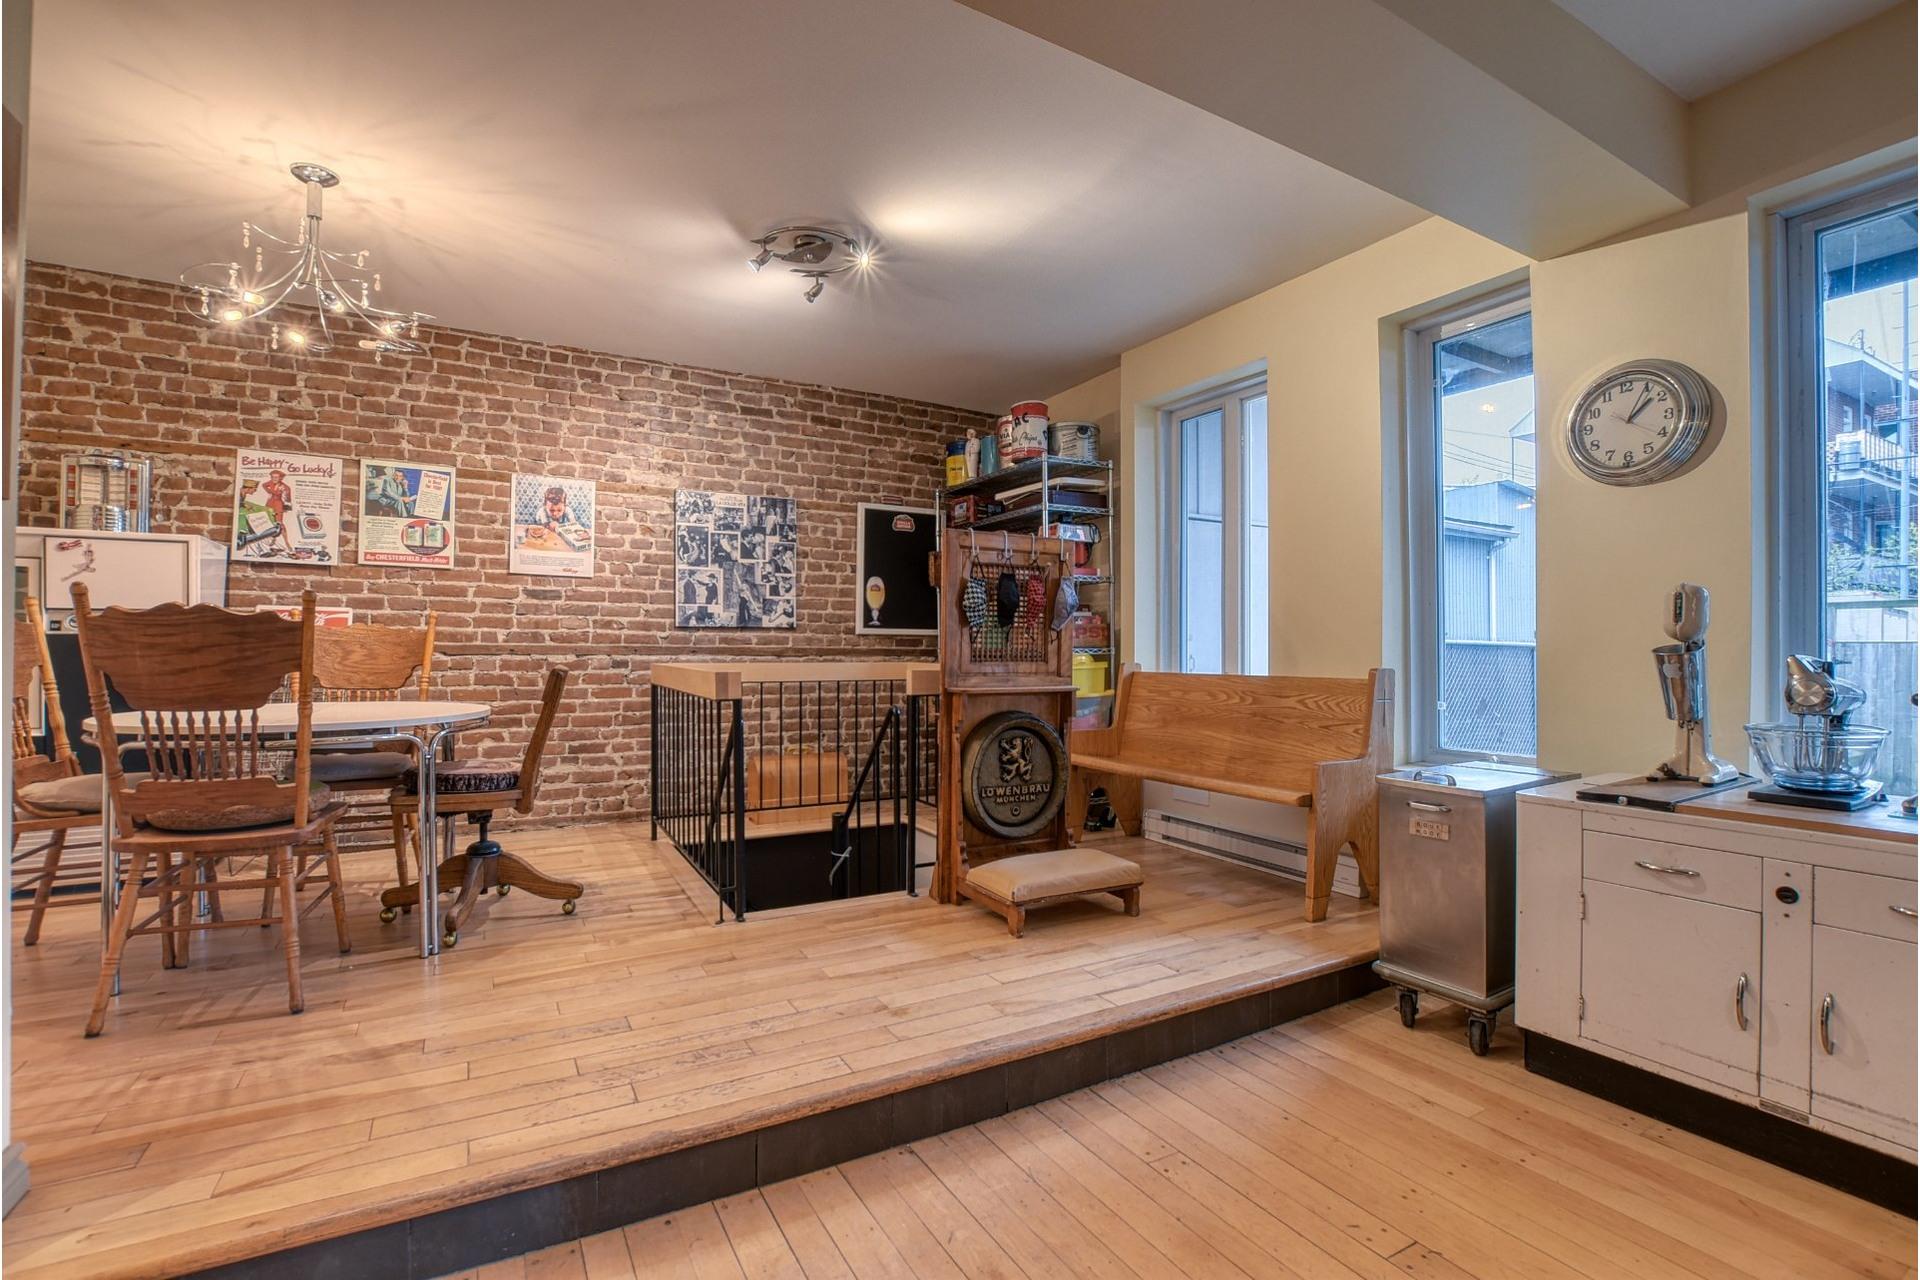 image 7 - Appartement À vendre Mercier/Hochelaga-Maisonneuve Montréal  - 5 pièces